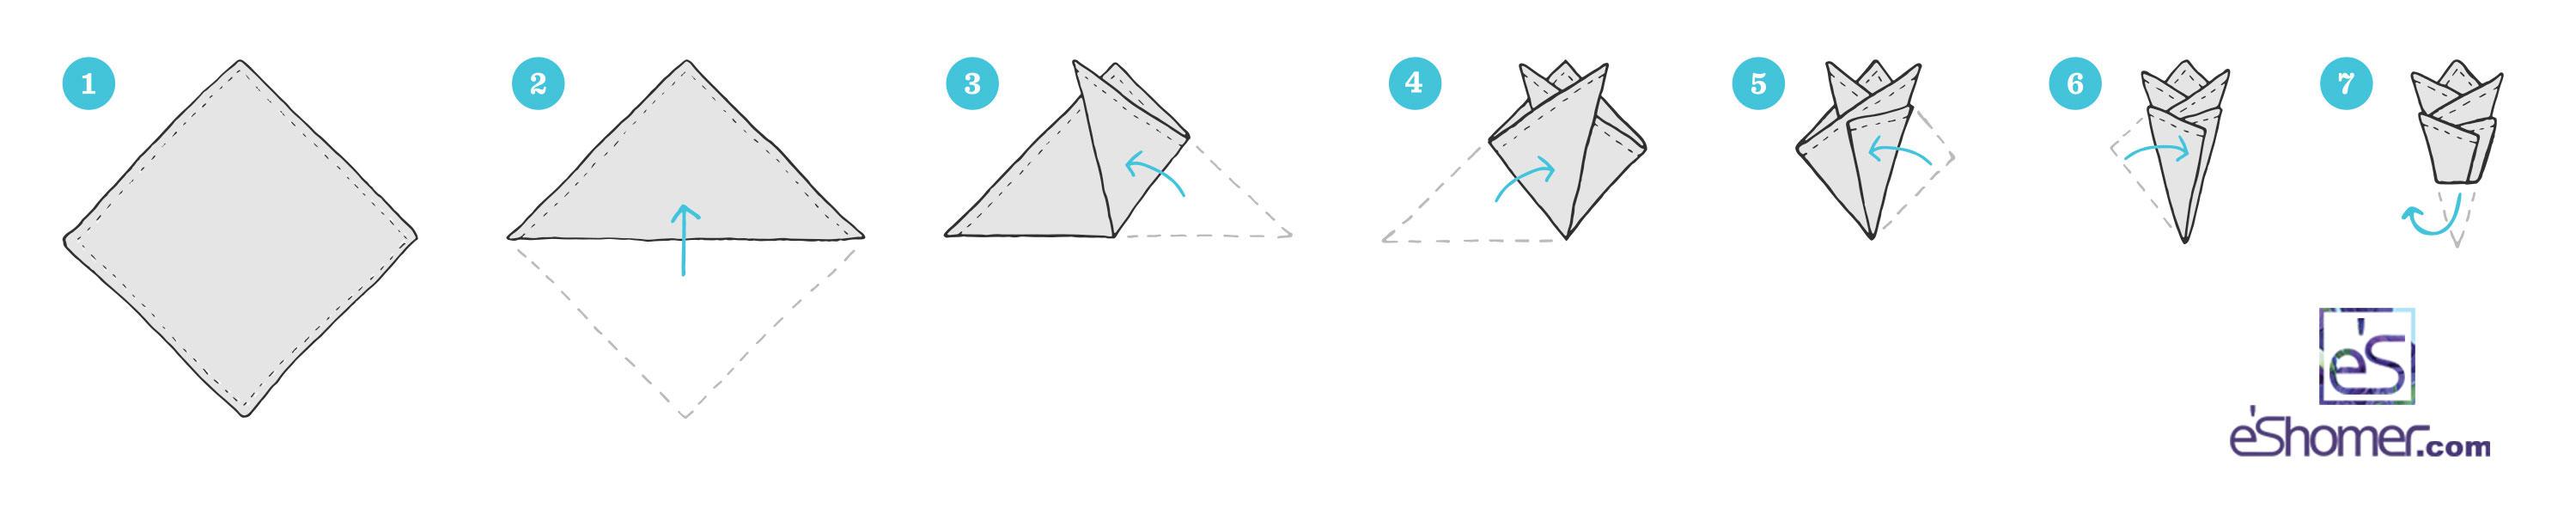 three-peaks-illustration_01-1